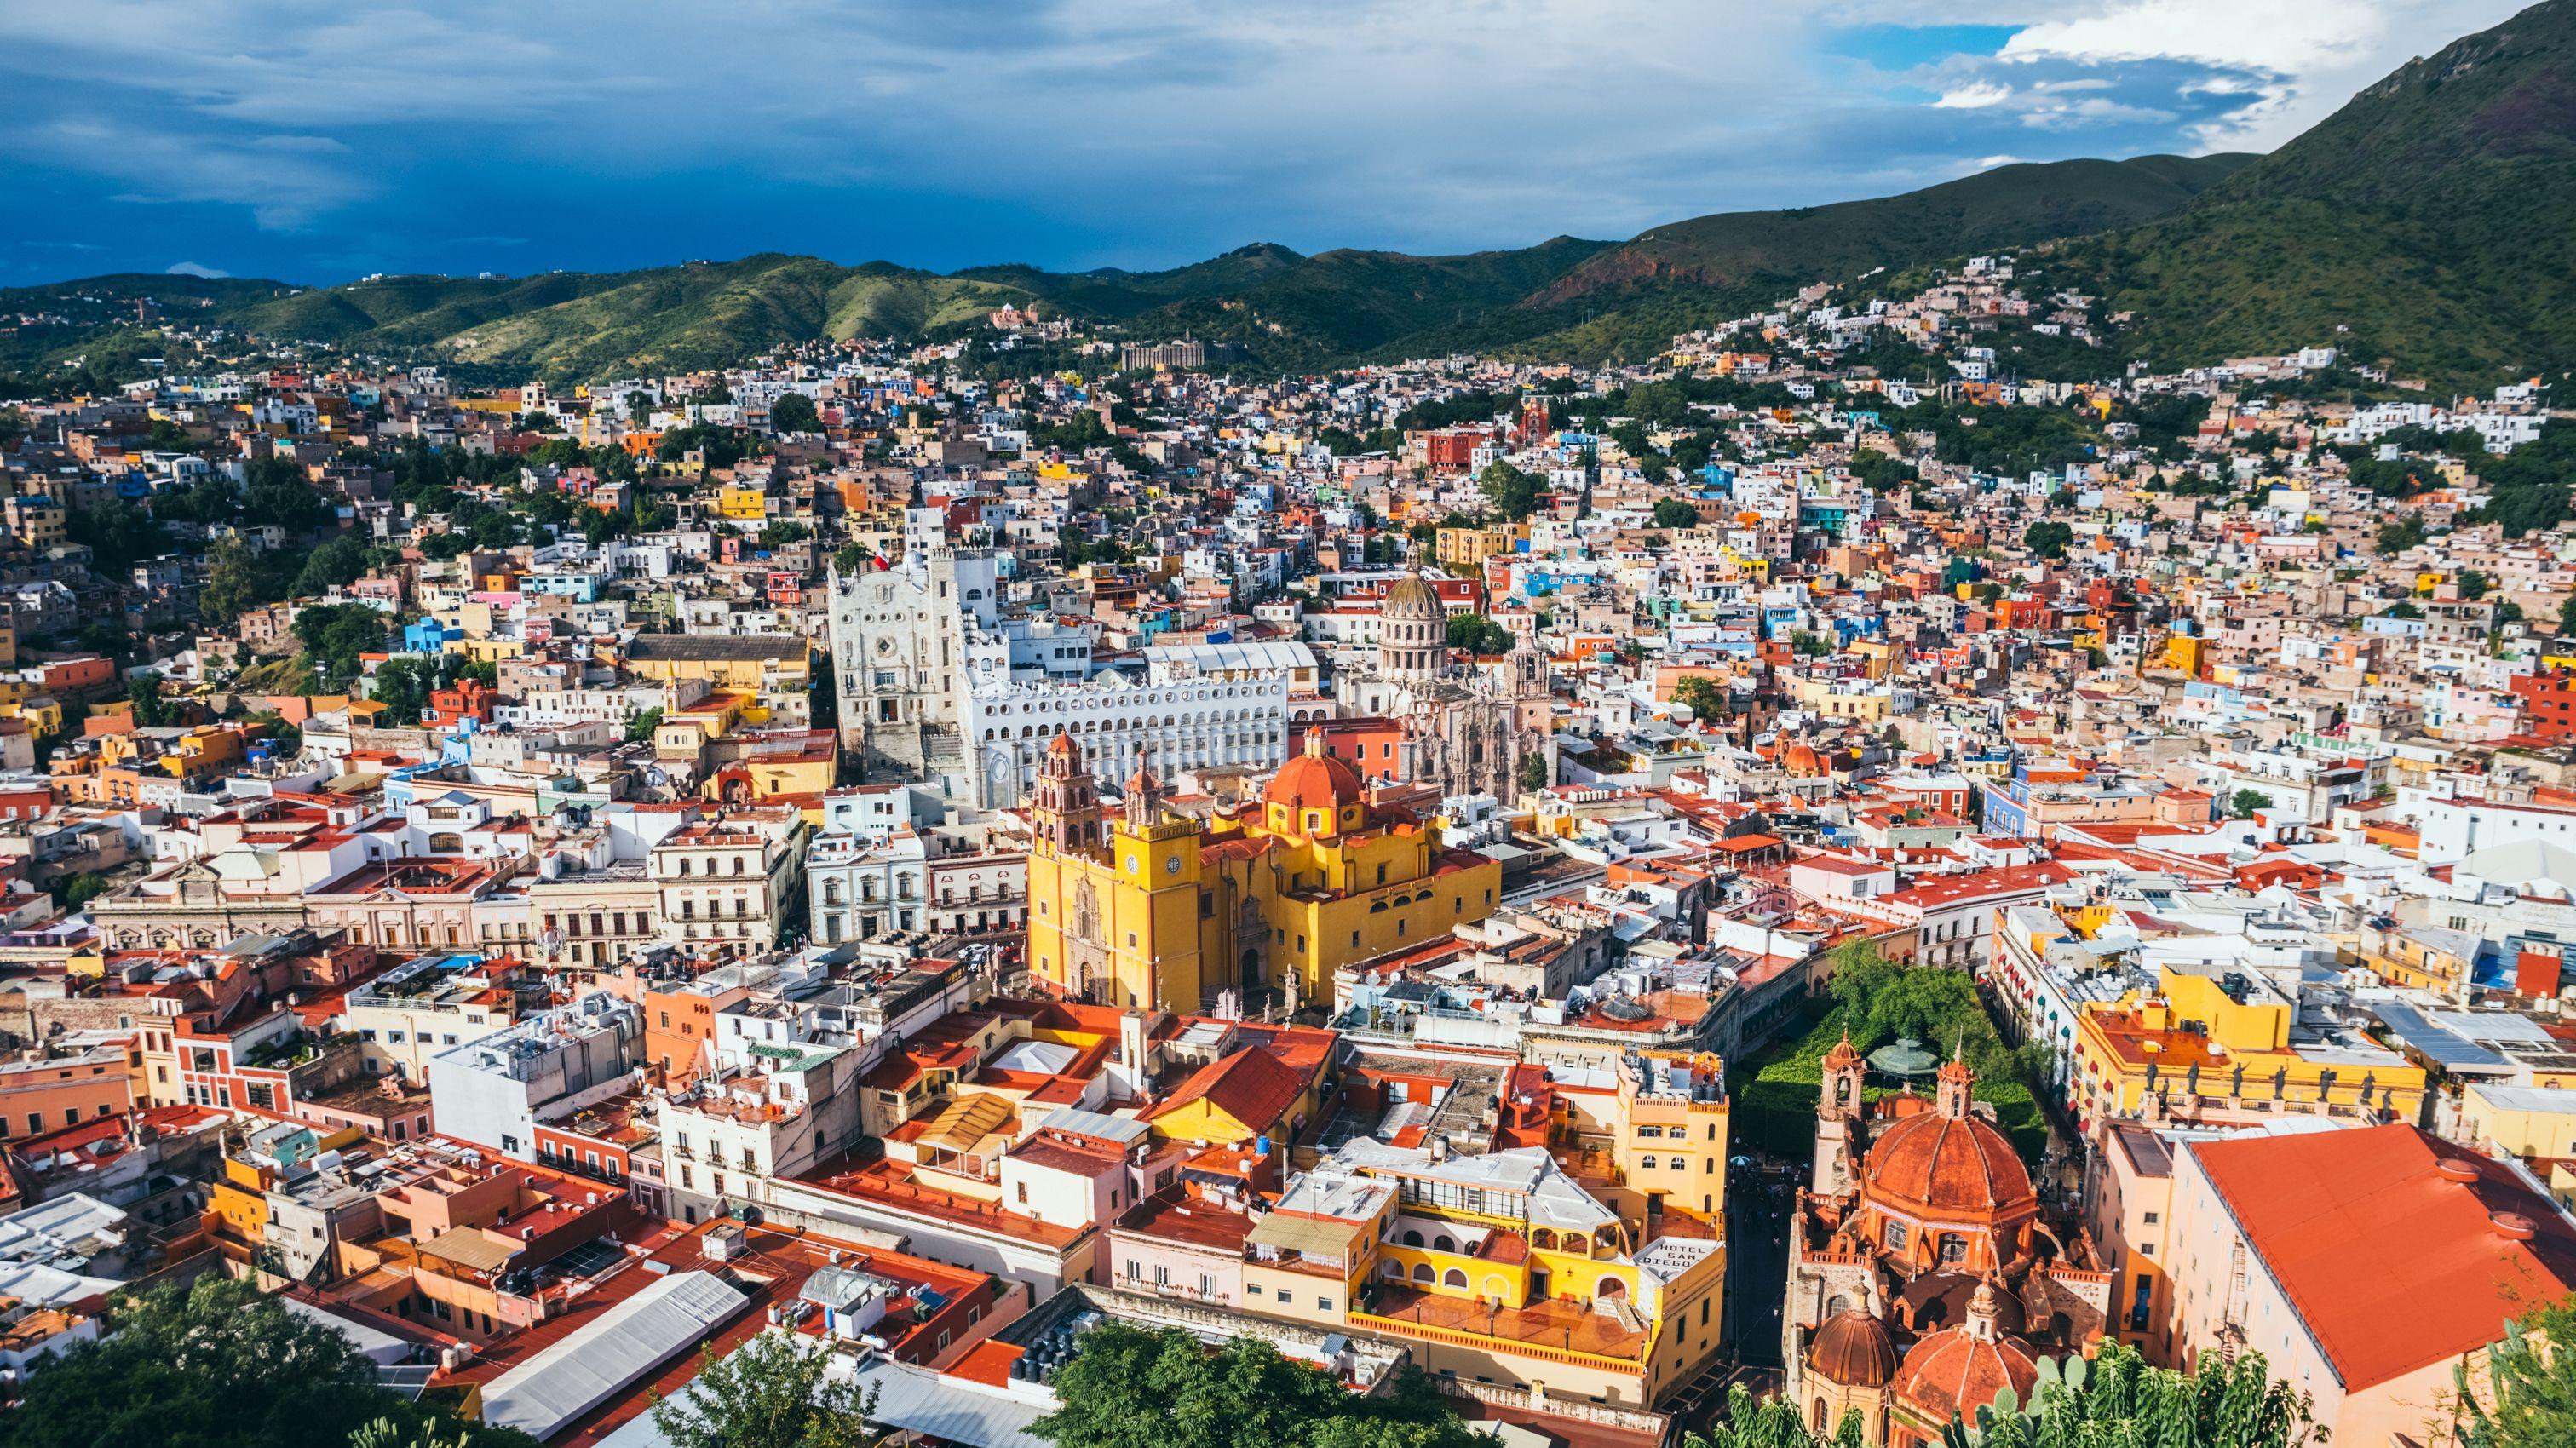 شهر گوانخواتو مکزیک